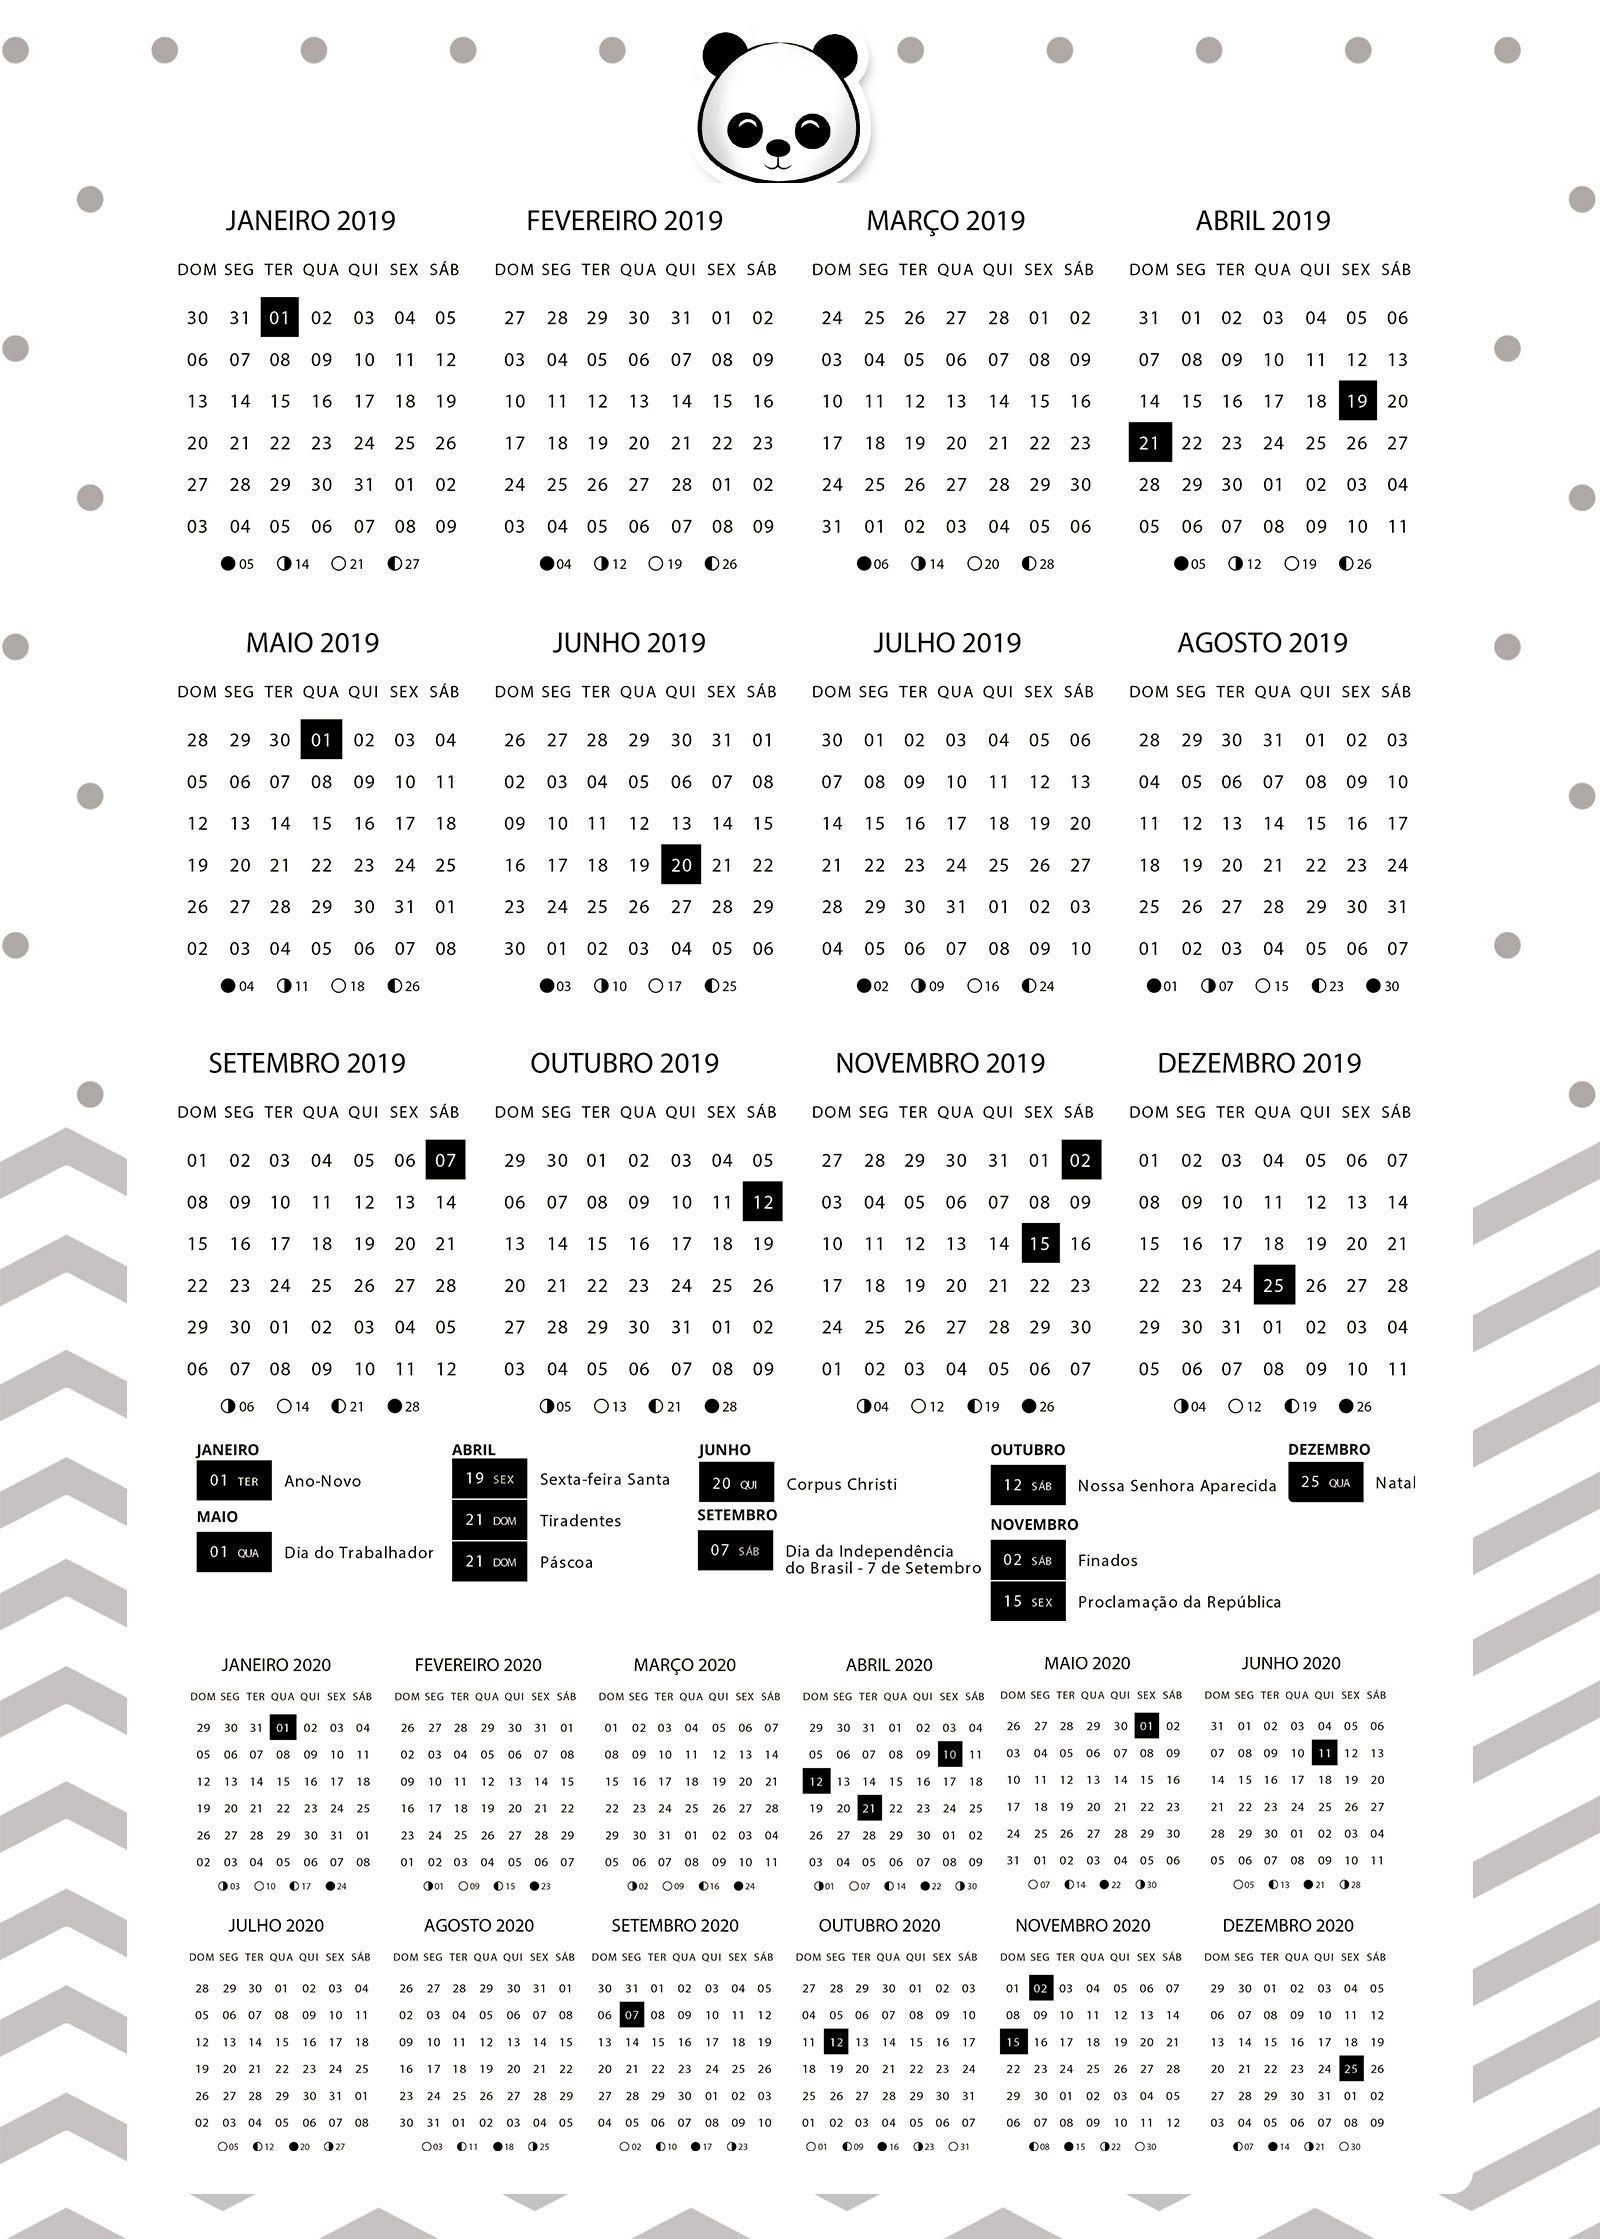 Calendario 2019 Com Feriados Brasil 2020 Más Recientes Revisar Calendario 2019 Feriados Brasil